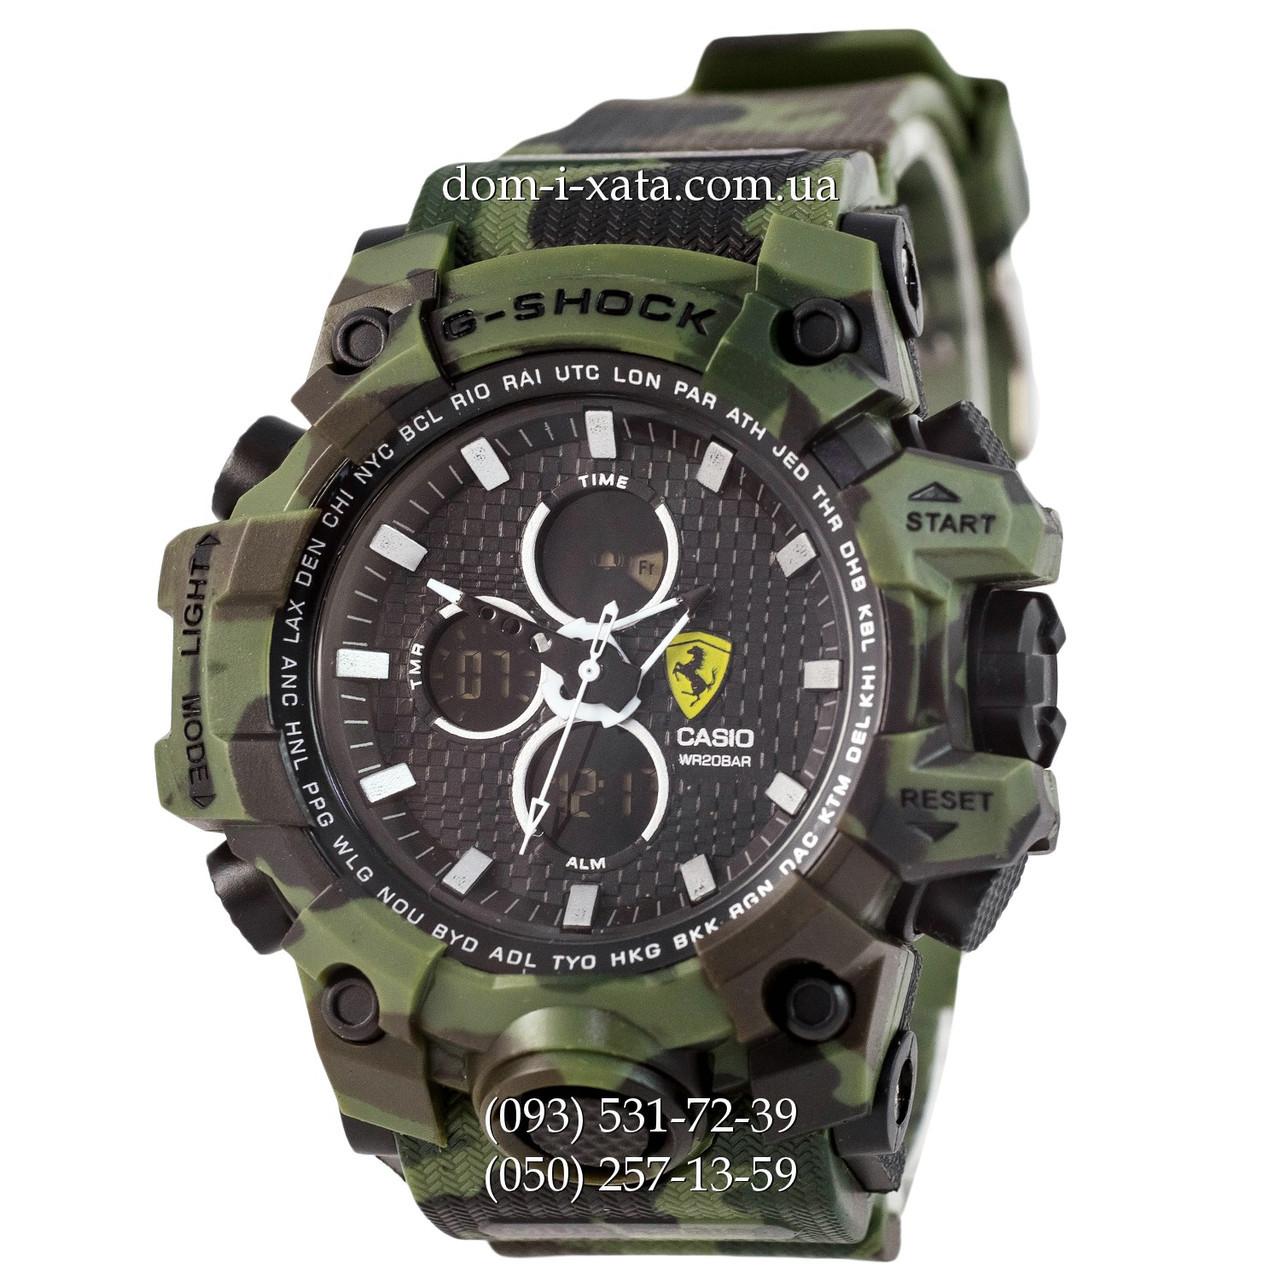 Электронные часы Casio G-Shock Ferrari Grade Militari-Green, спортивные часы Джи Шок феррари военные, камуфляж, реплика отличное качество!